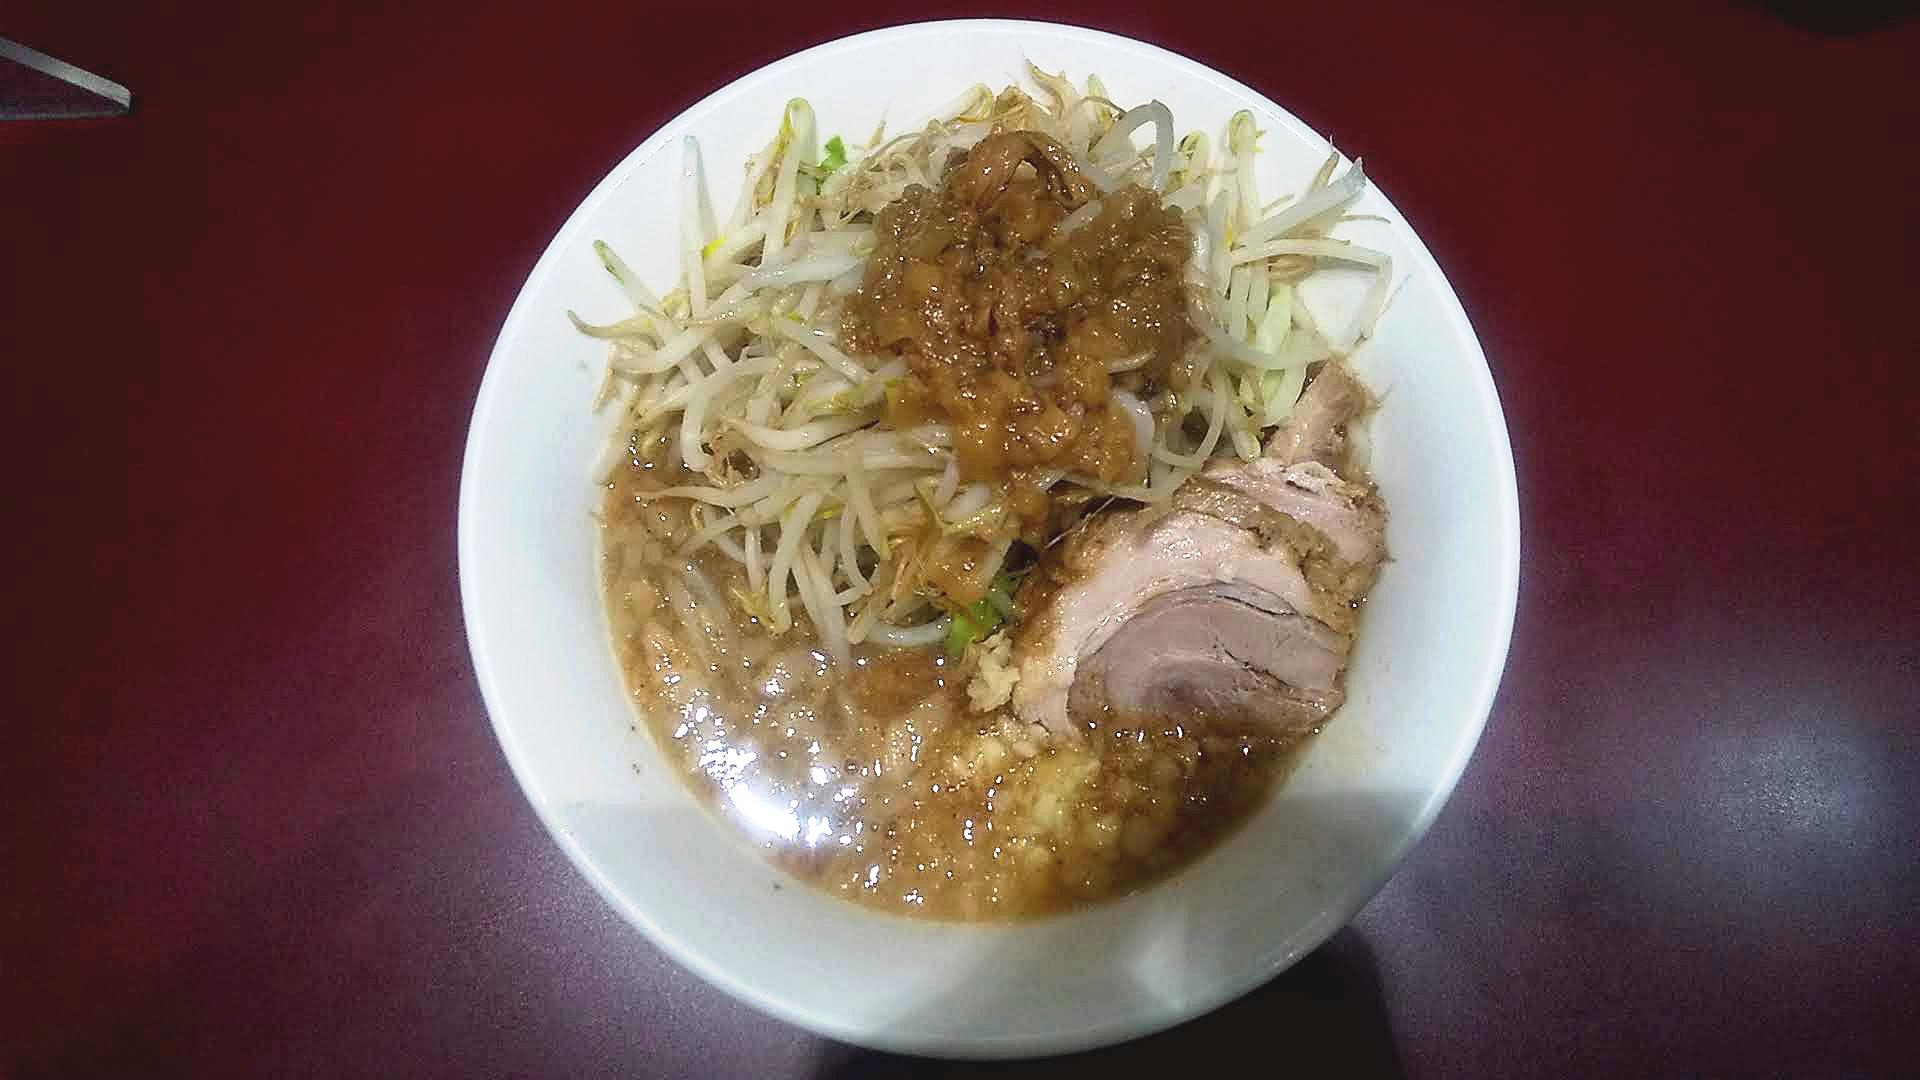 立川マシマシのつけ麺小のつけ汁の写真